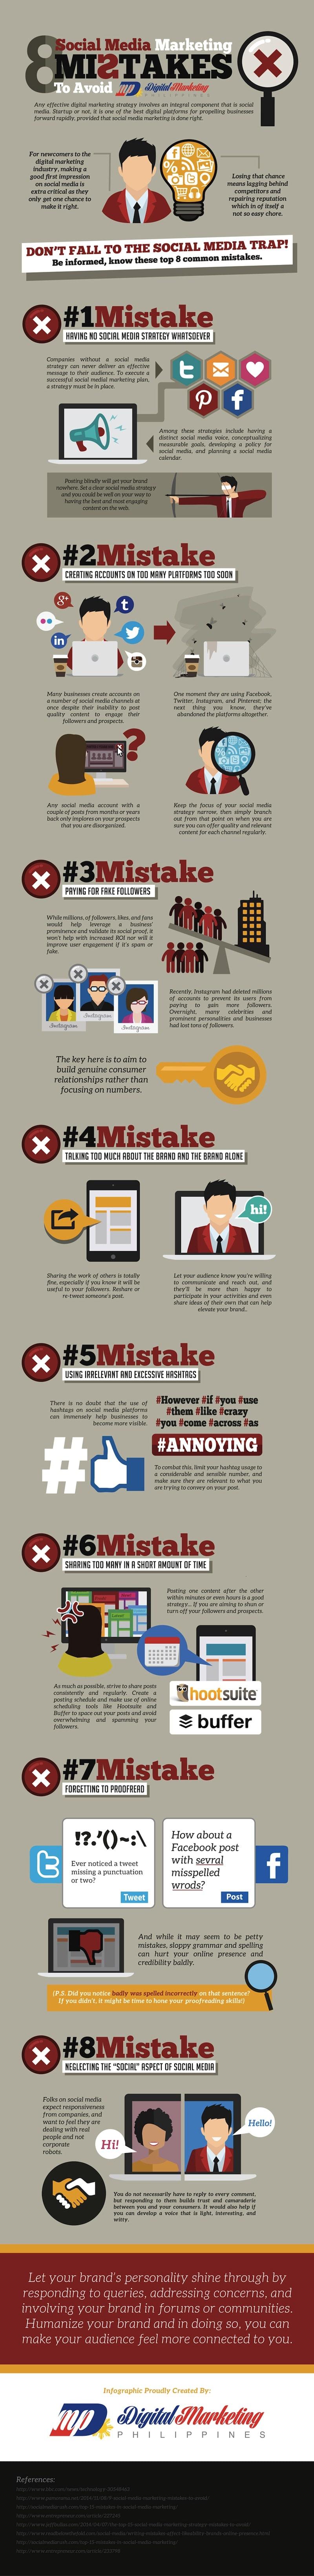 8-errores-en-las-Redes-Sociales-que-deberias-evitar-Infografia